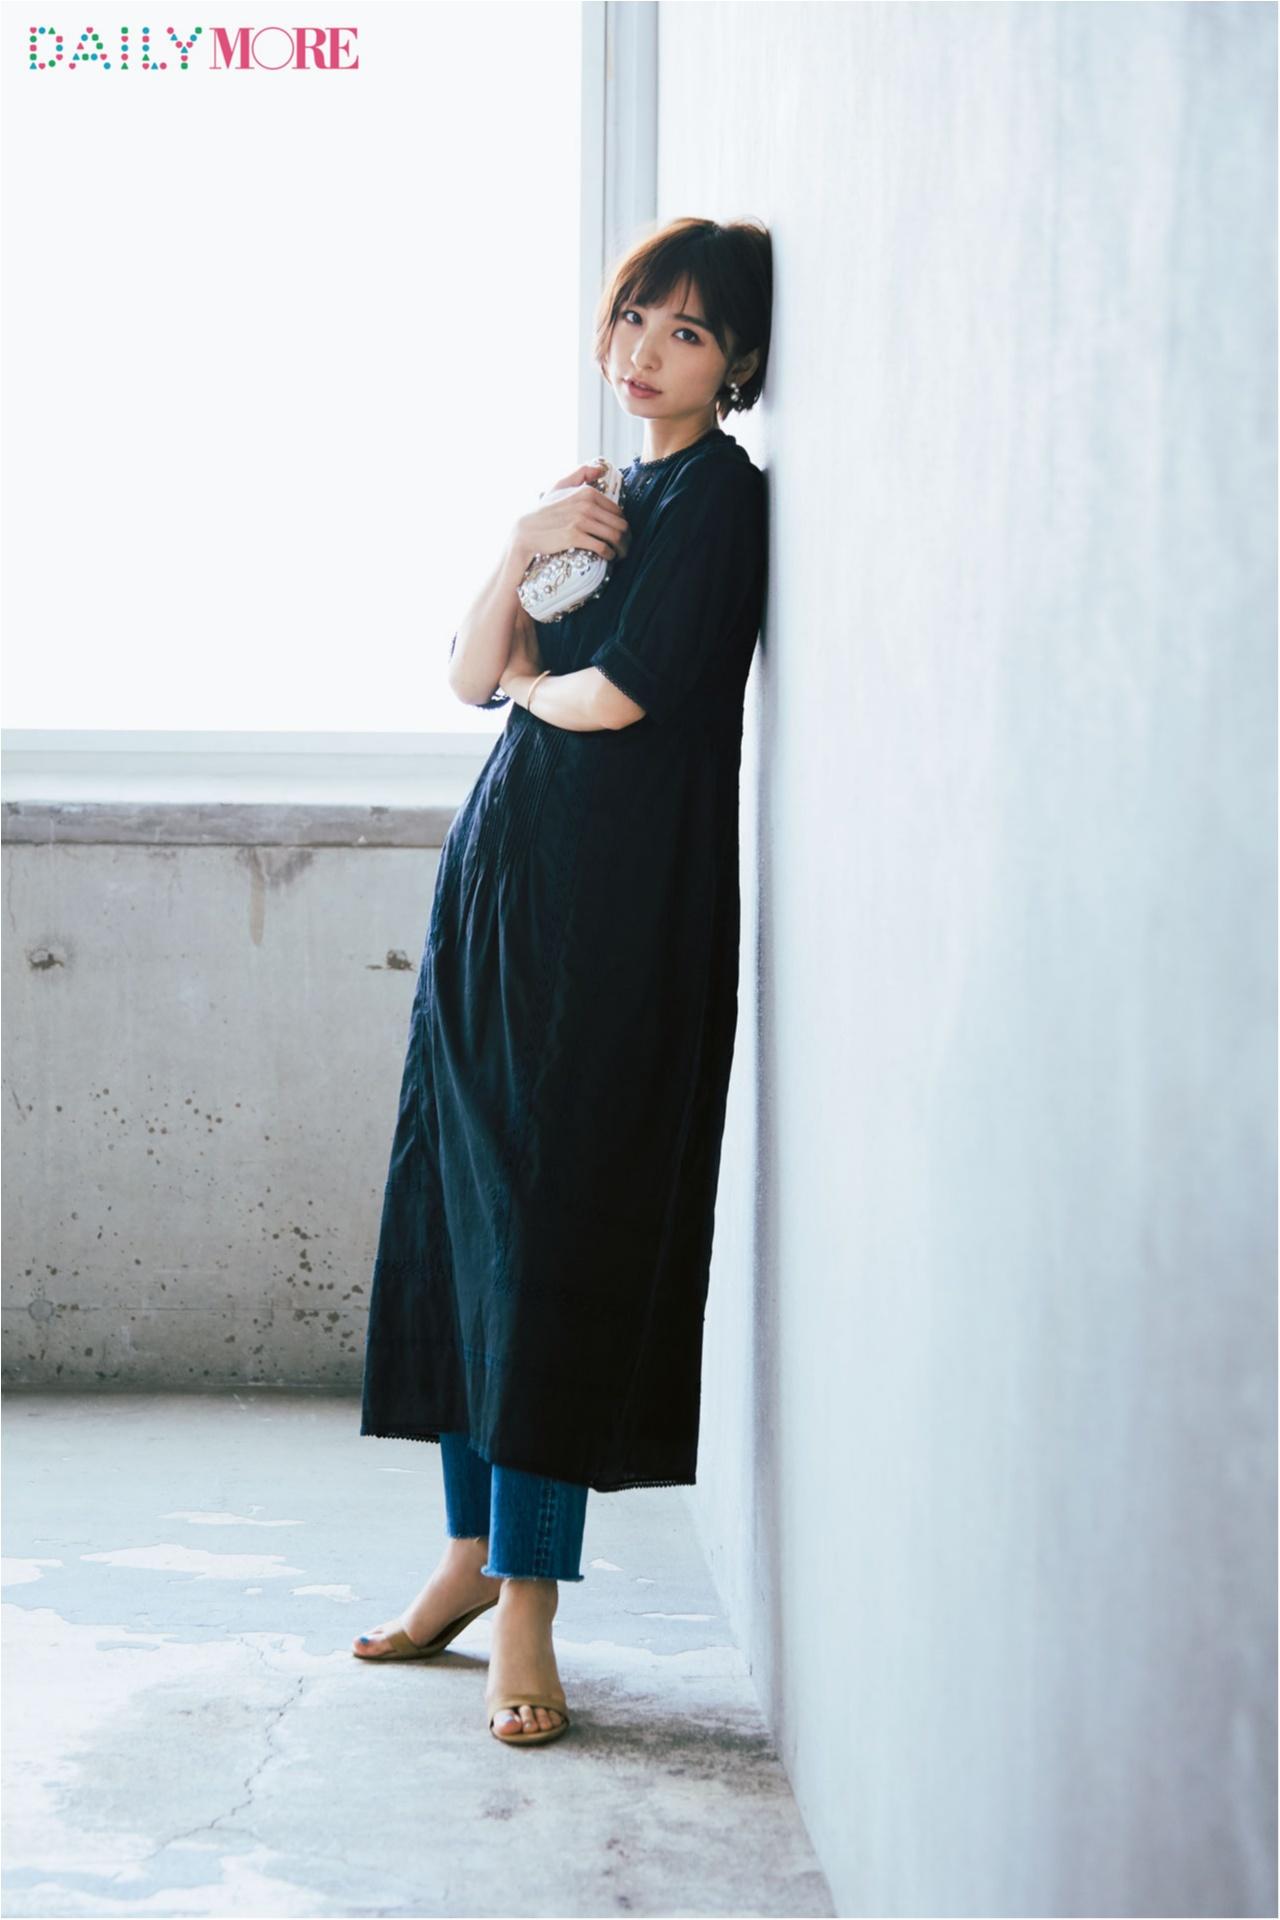 まだ暑いけれどおしゃれは秋にシフト、そんな今、麻里子の答えは「涼しい秋服」×「デニム」でした。_2